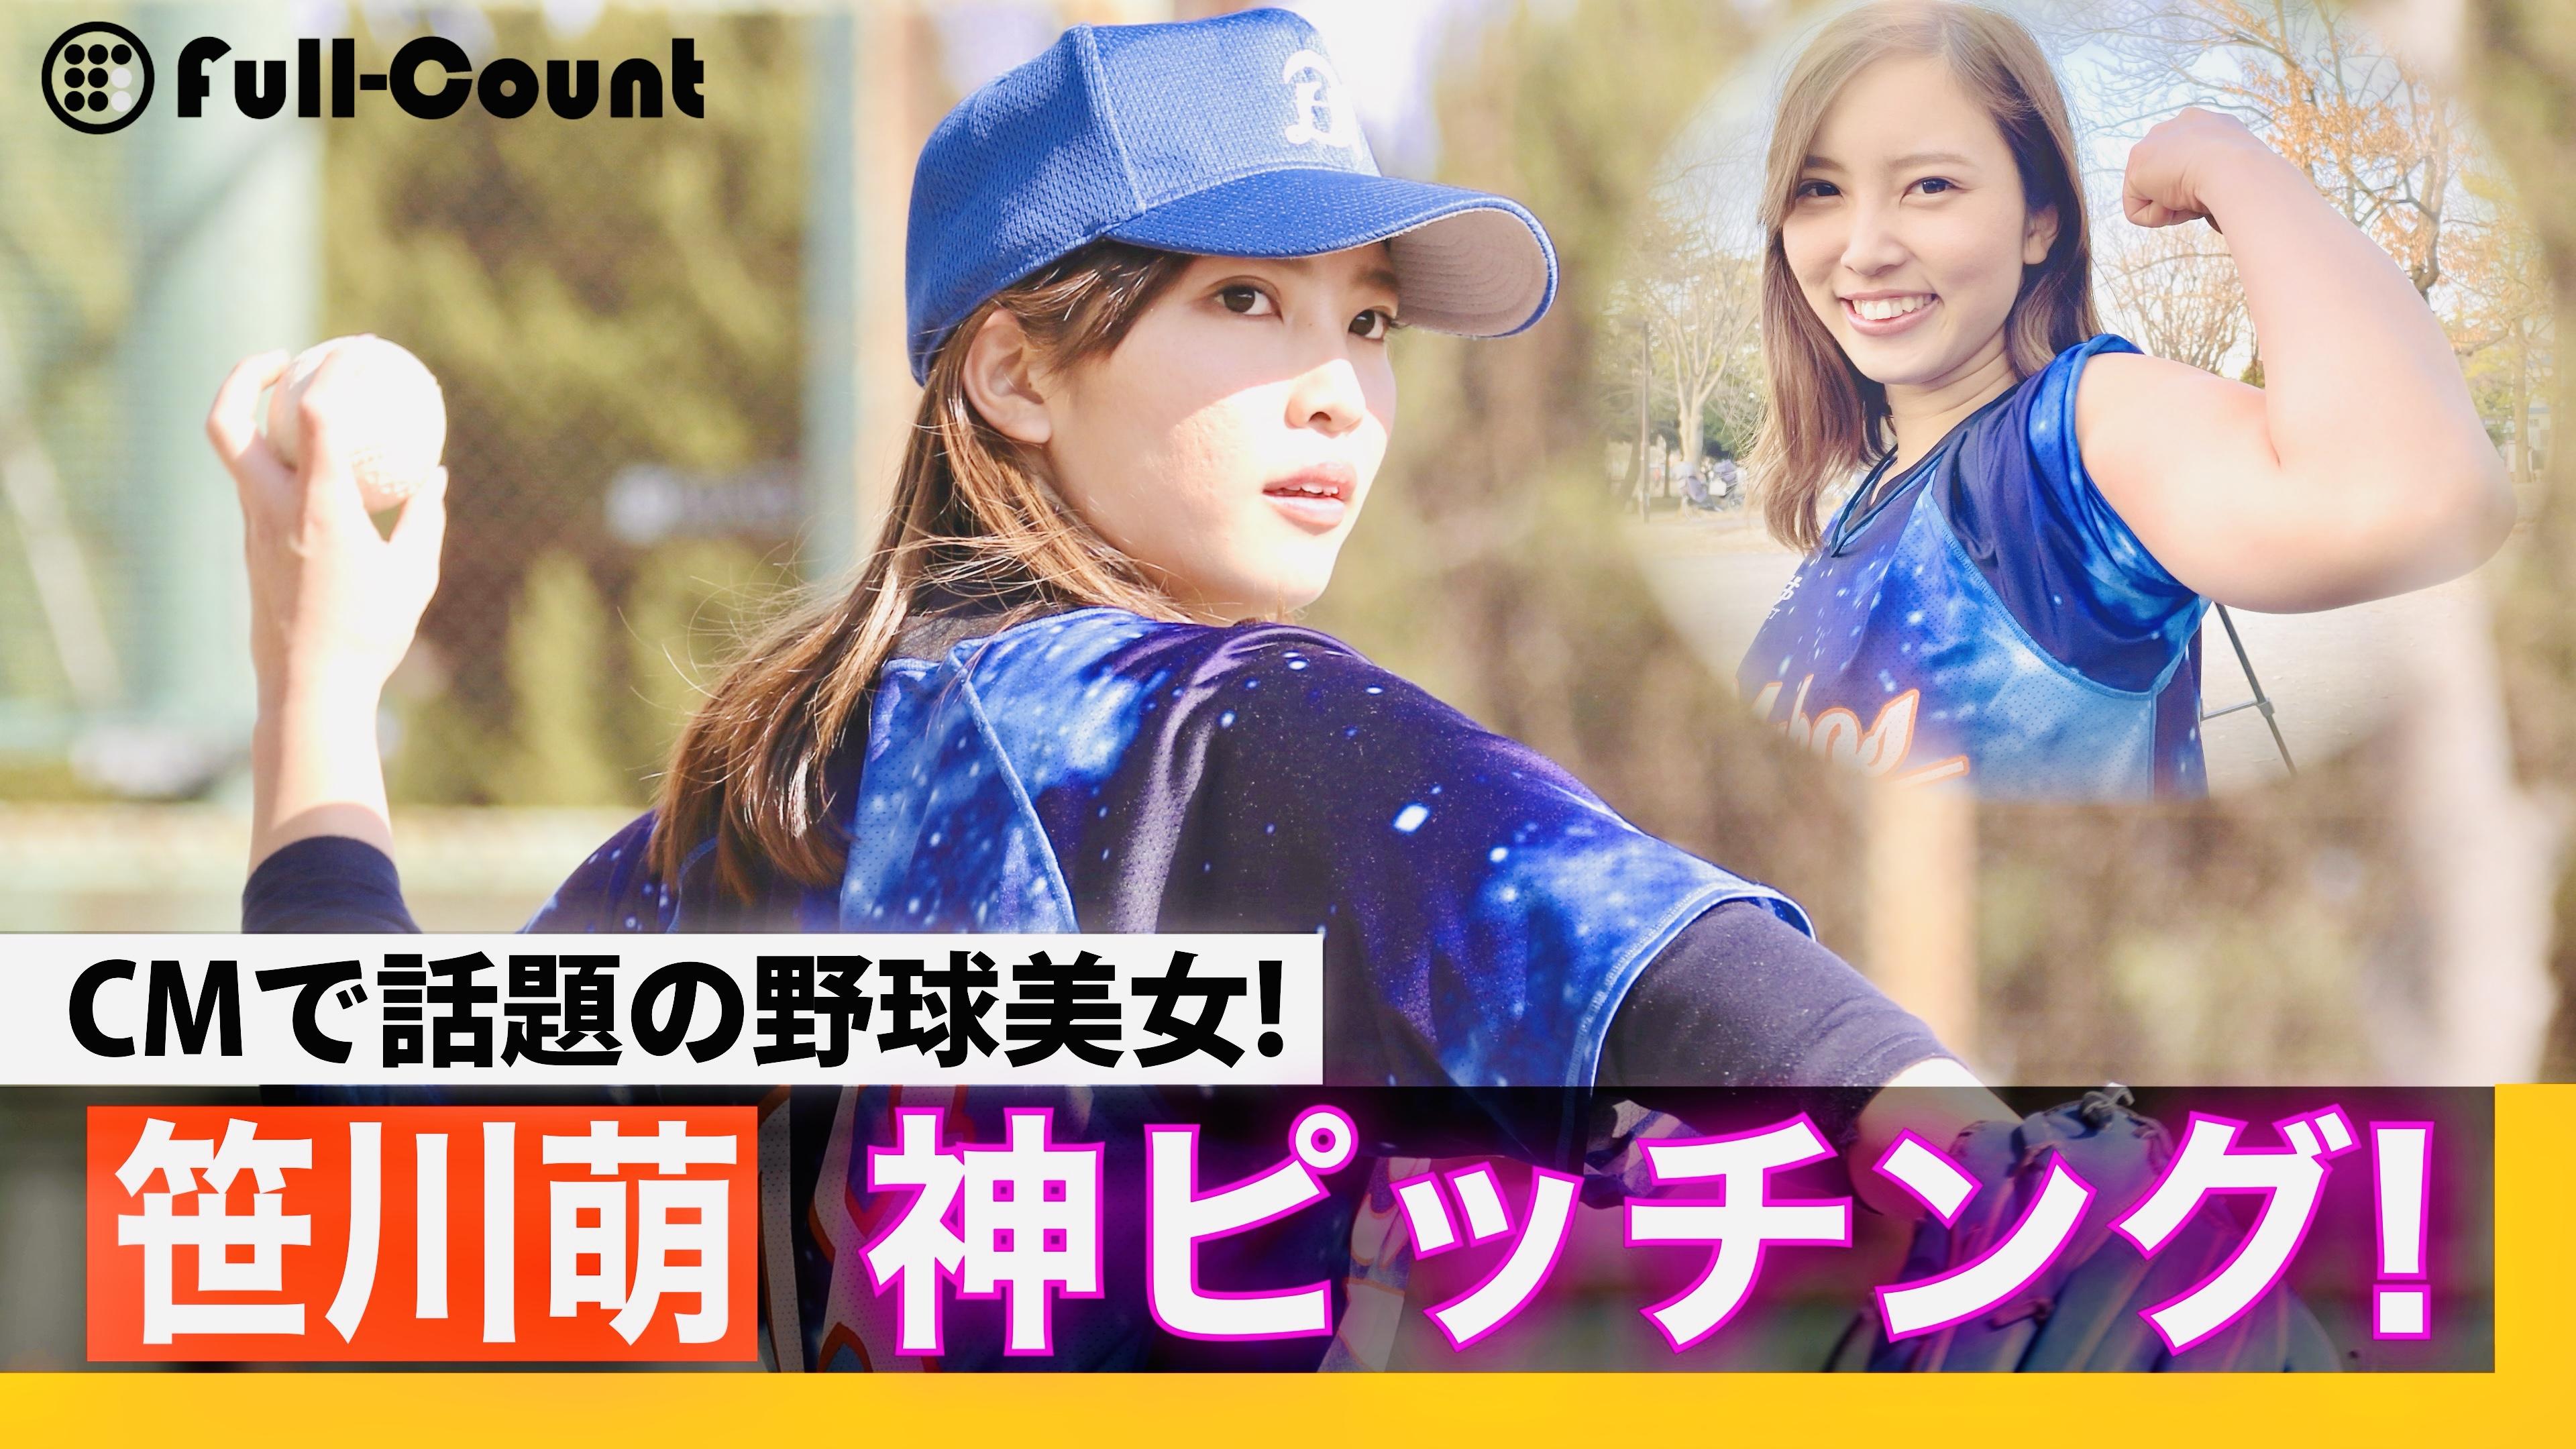 CM出演で話題の野球美女・笹川萌さんが神ピッチング!!